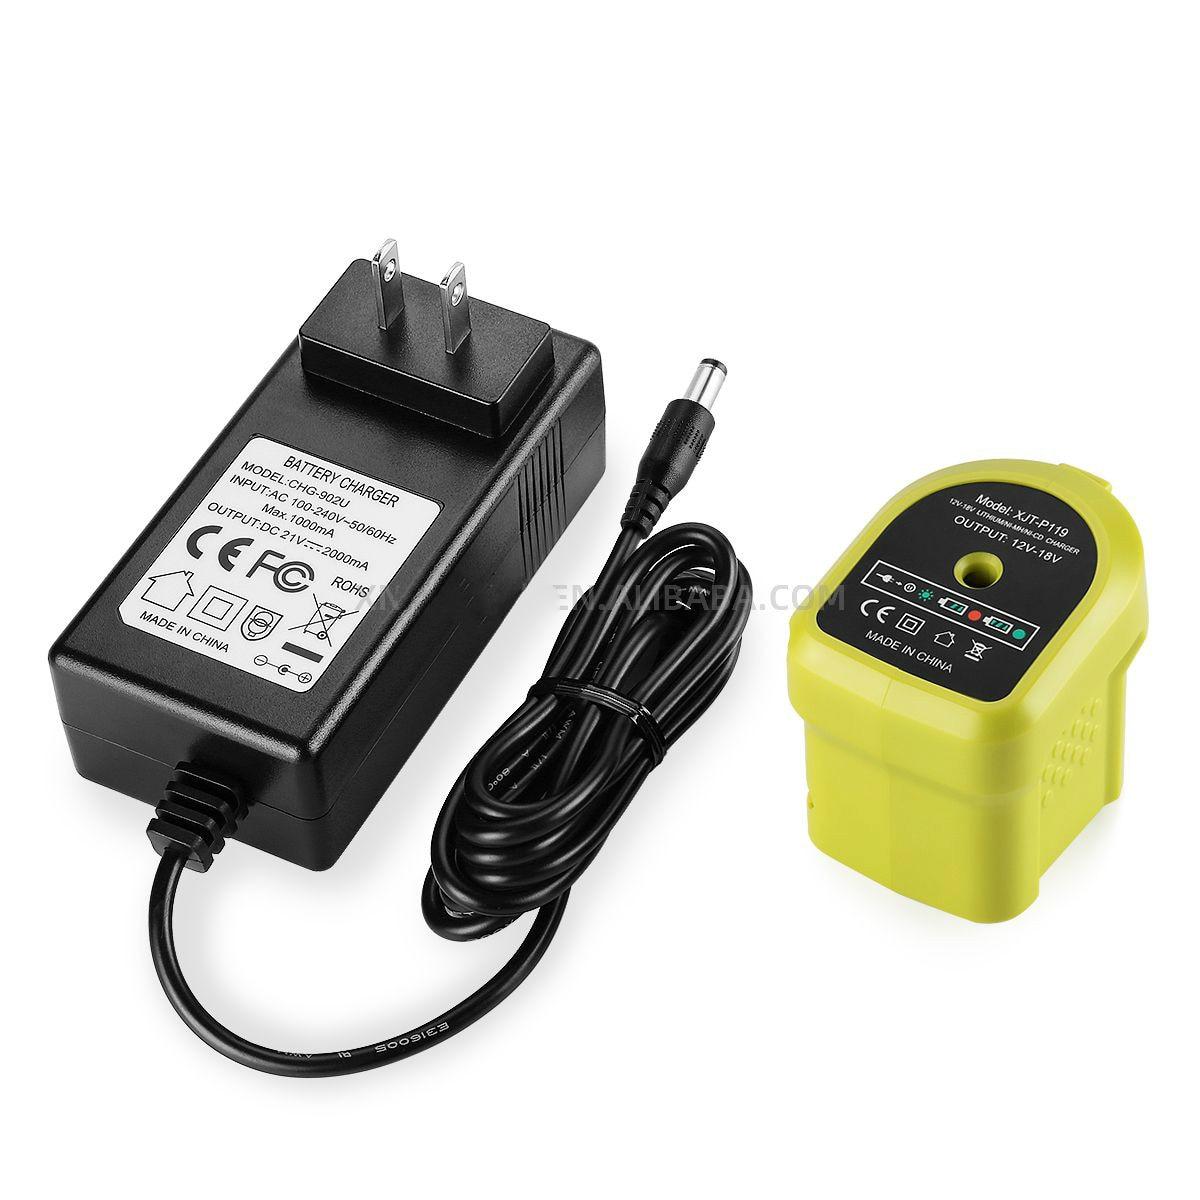 energup 18v p119 um mais ni cd mh li ion carregador fabricante carregador de bateria